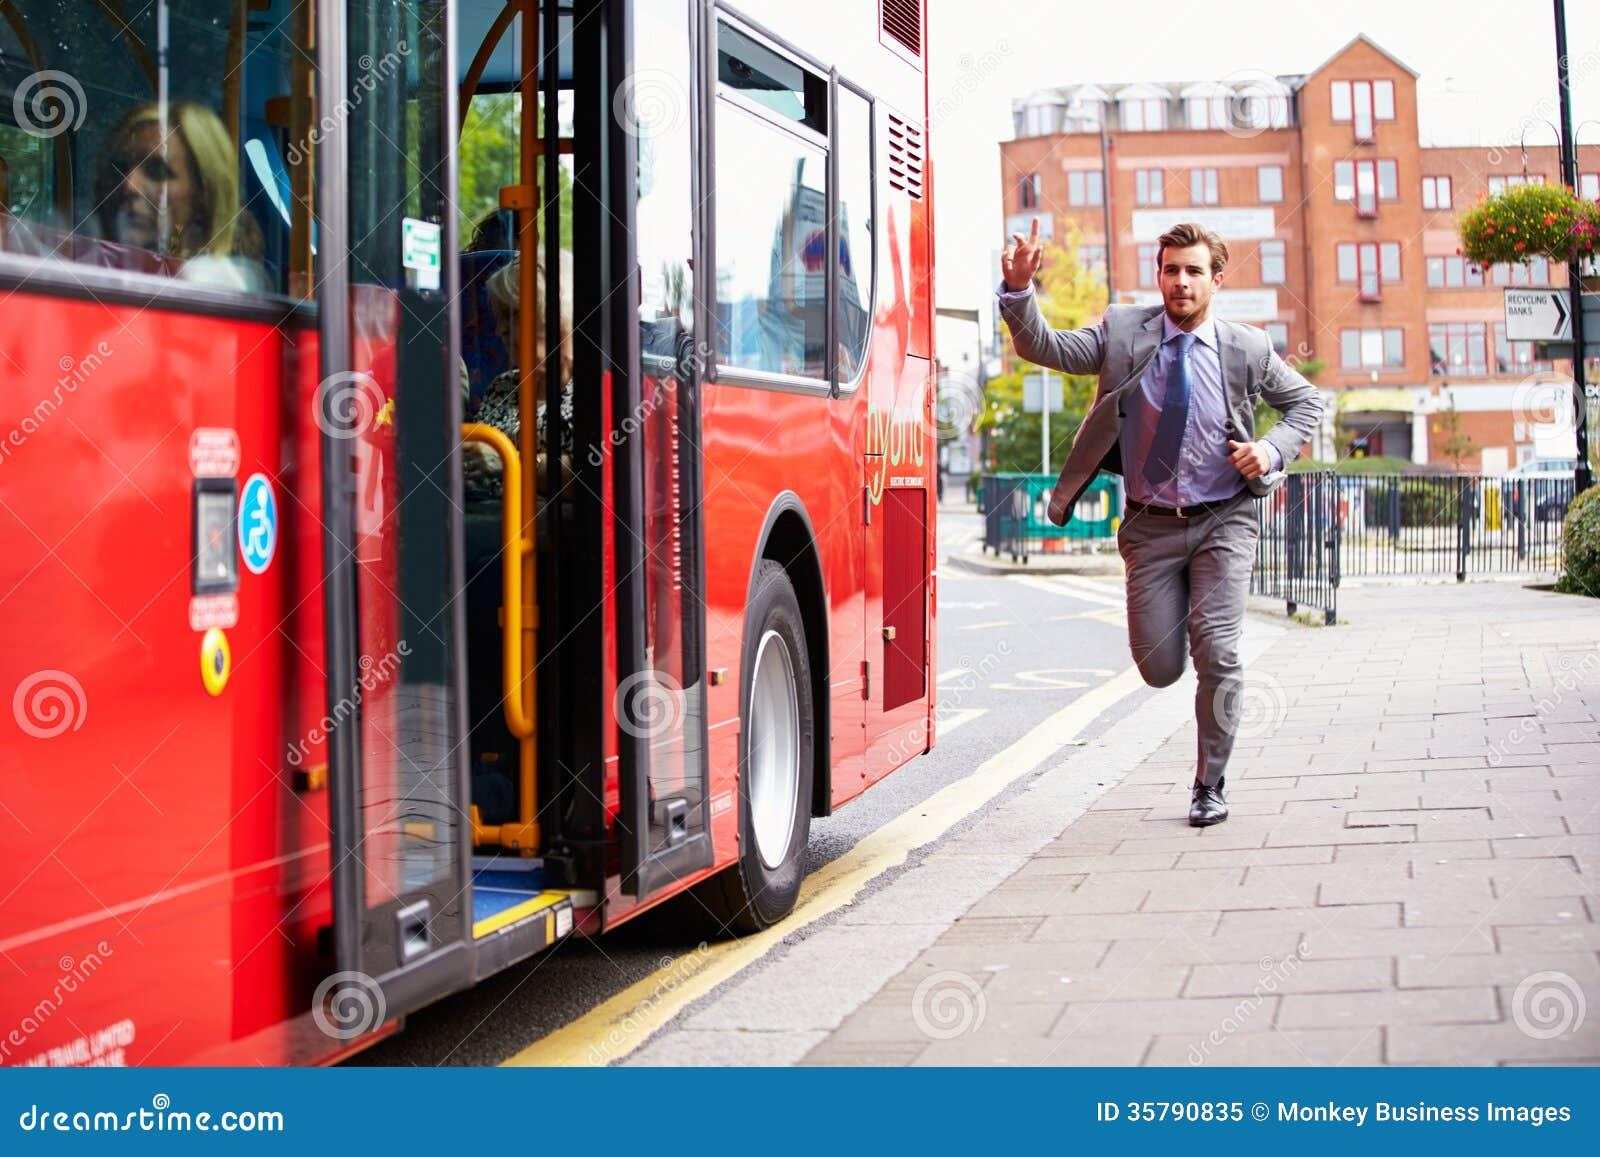 Geschäftsmann-Running To Catch-Bushaltestelle